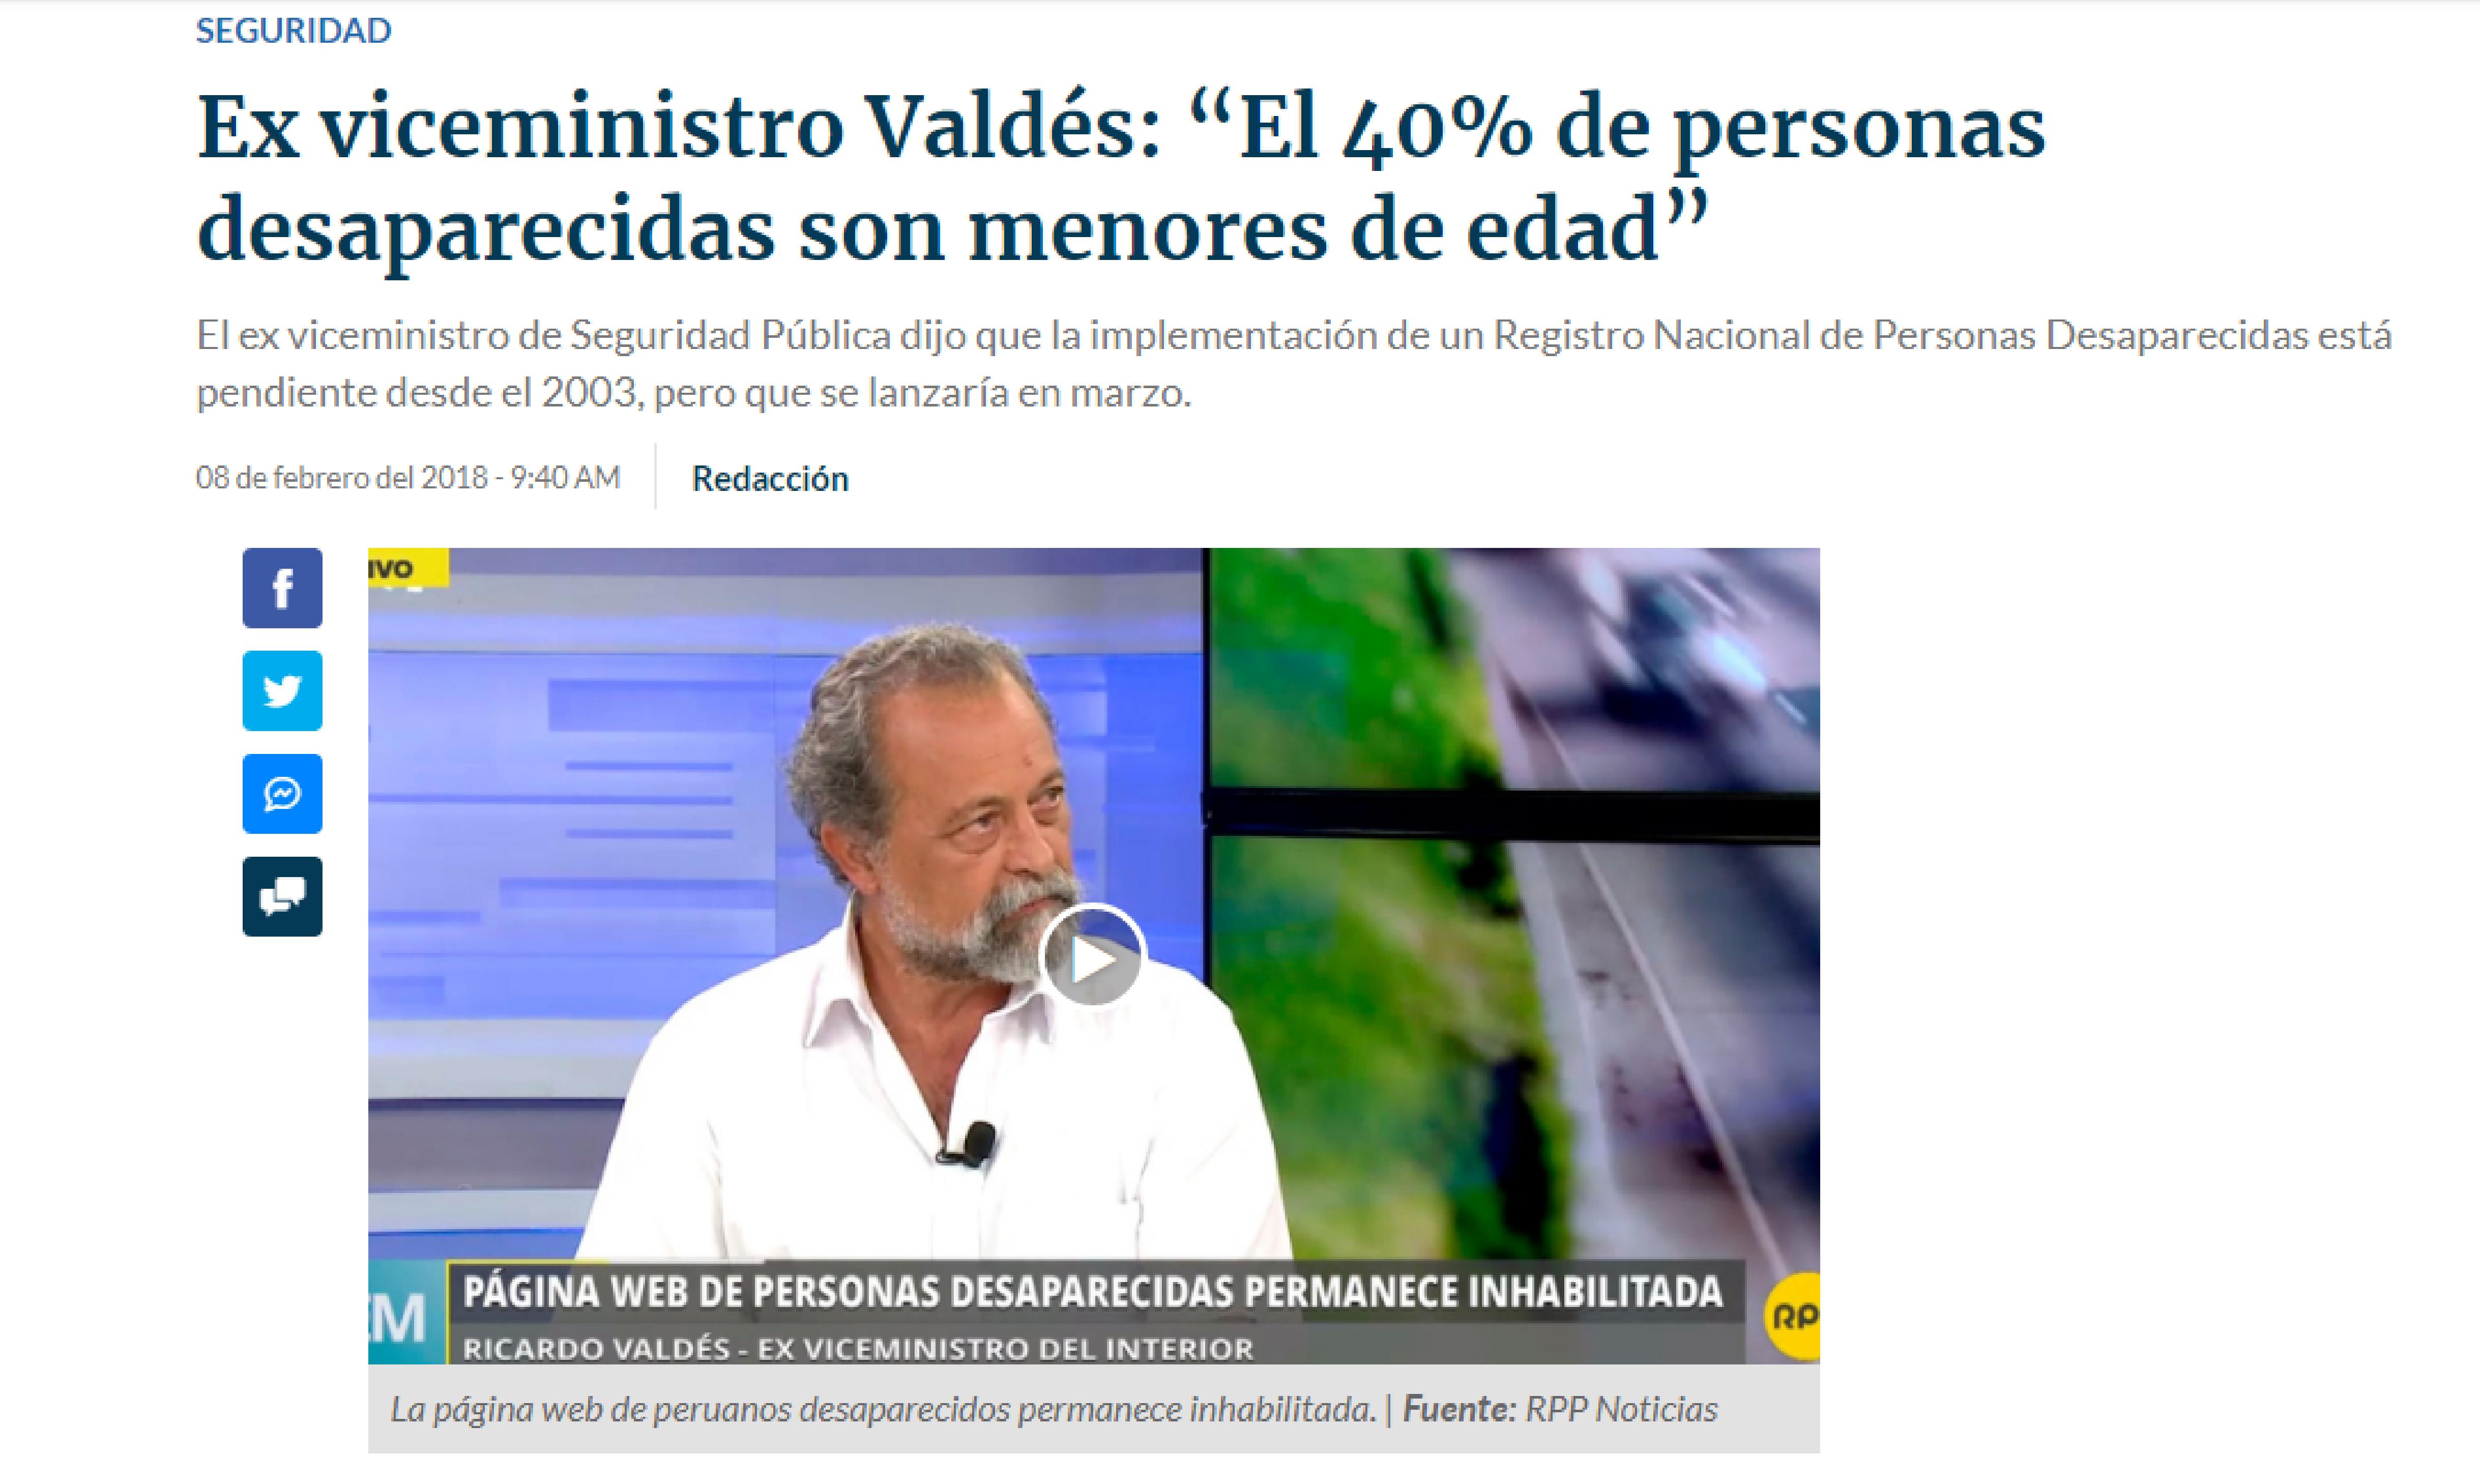 """RPP: Ex viceministro Valdés: """"El 40% de personas desaparecidas son menores de edad"""""""